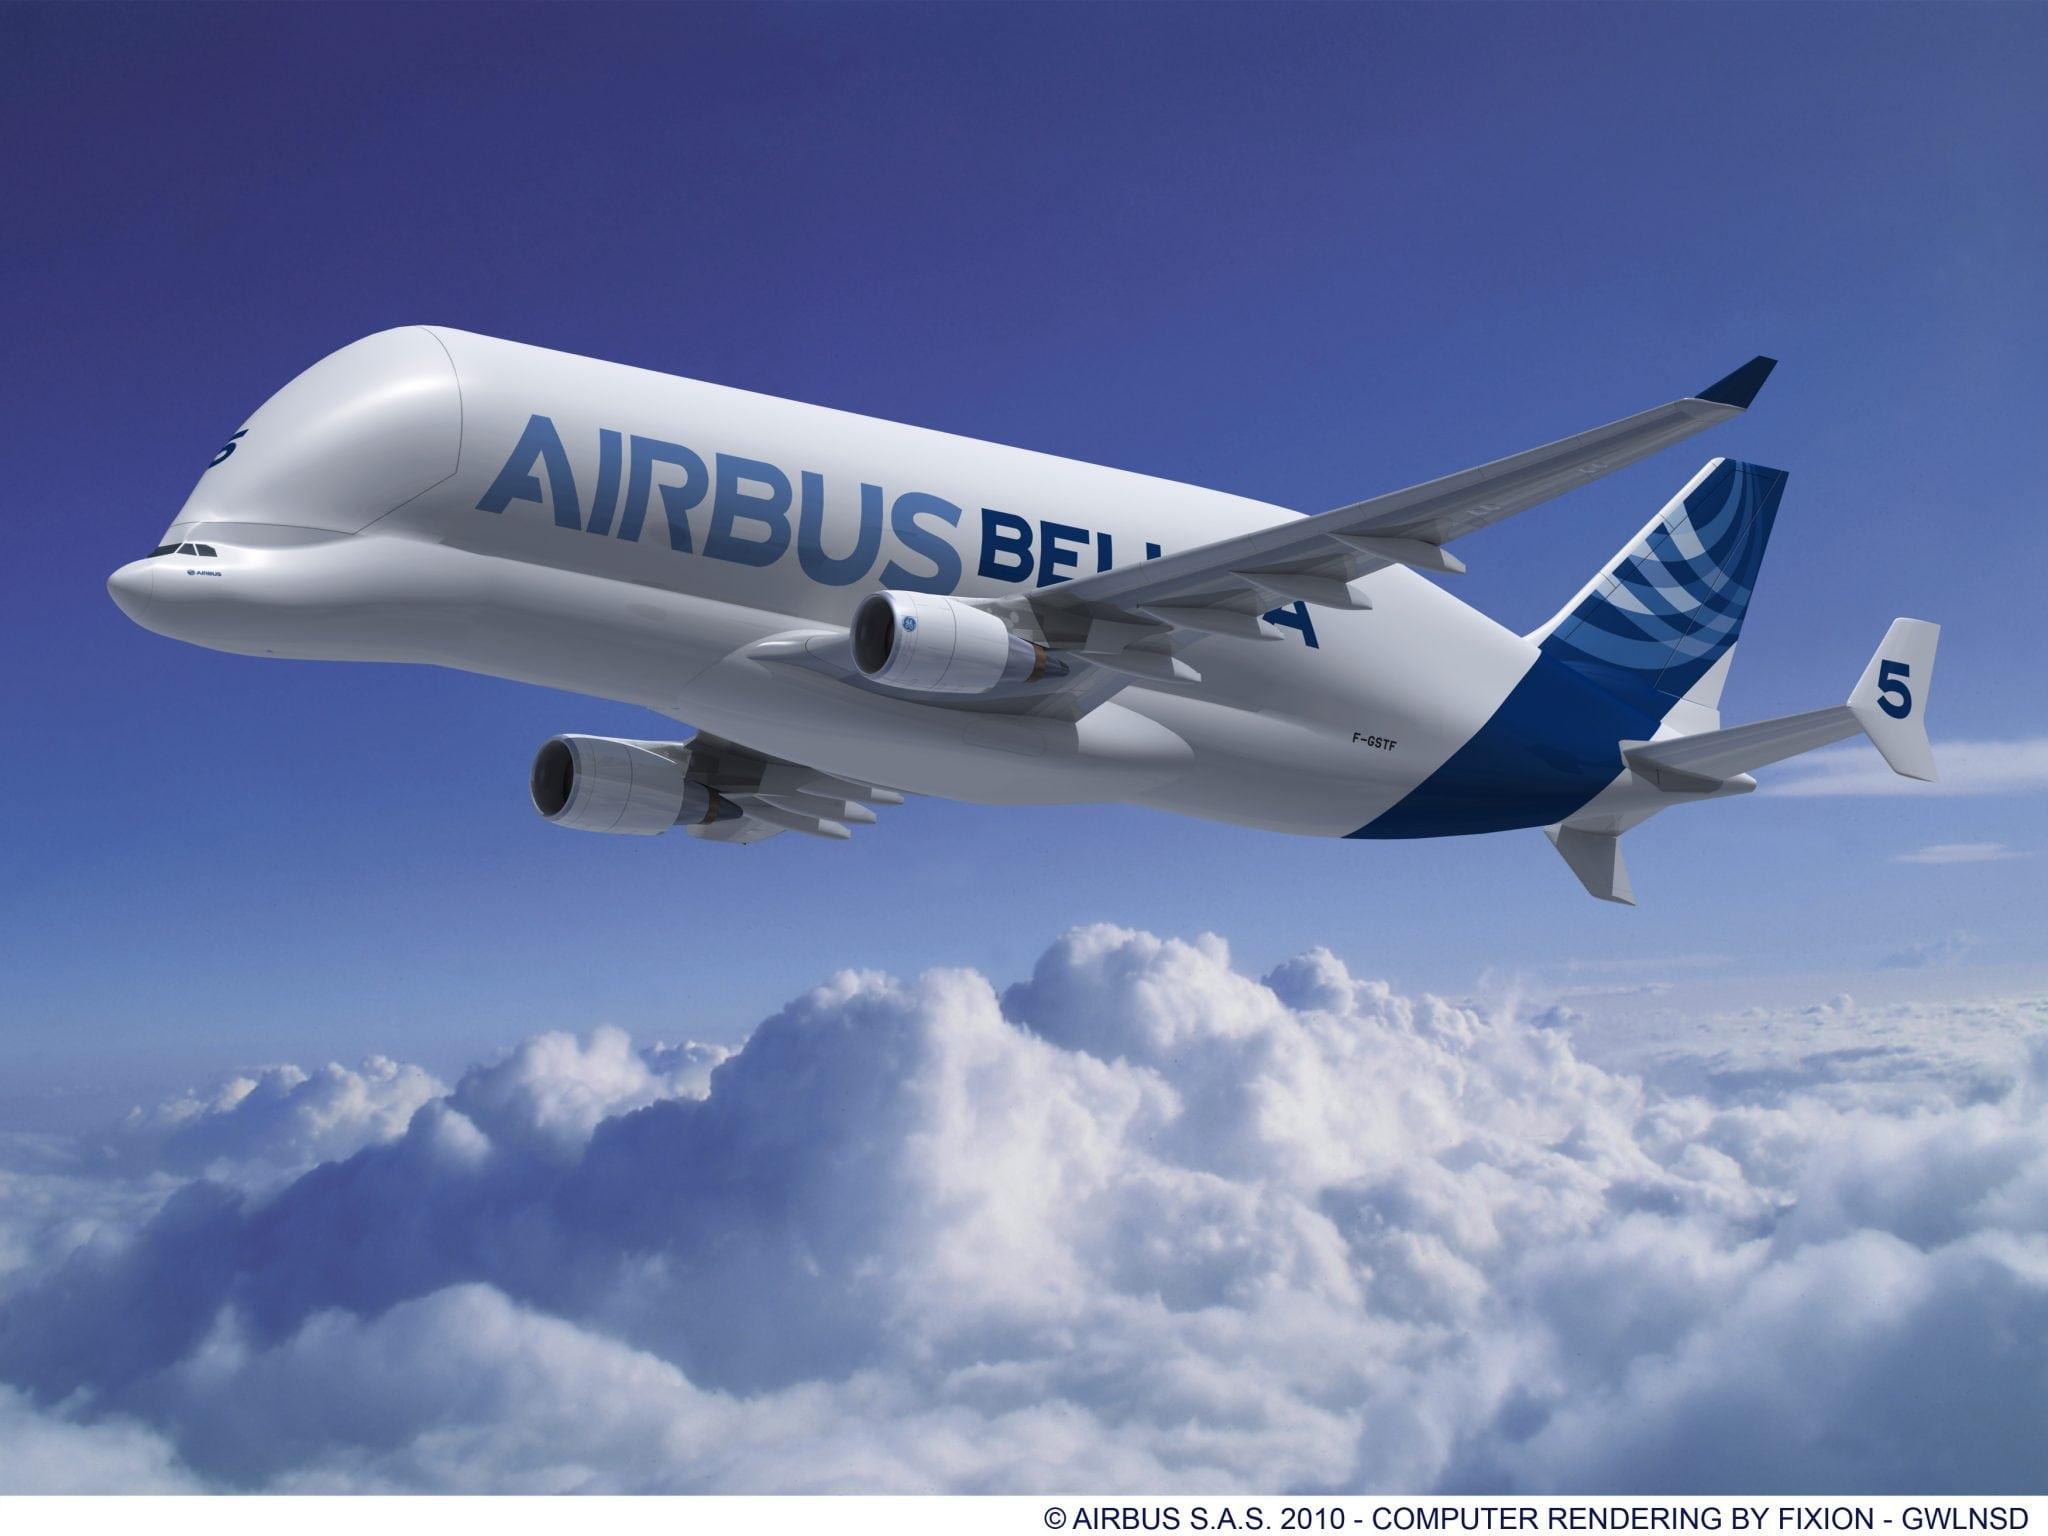 Airbus Beluga Cargo Plane in flight